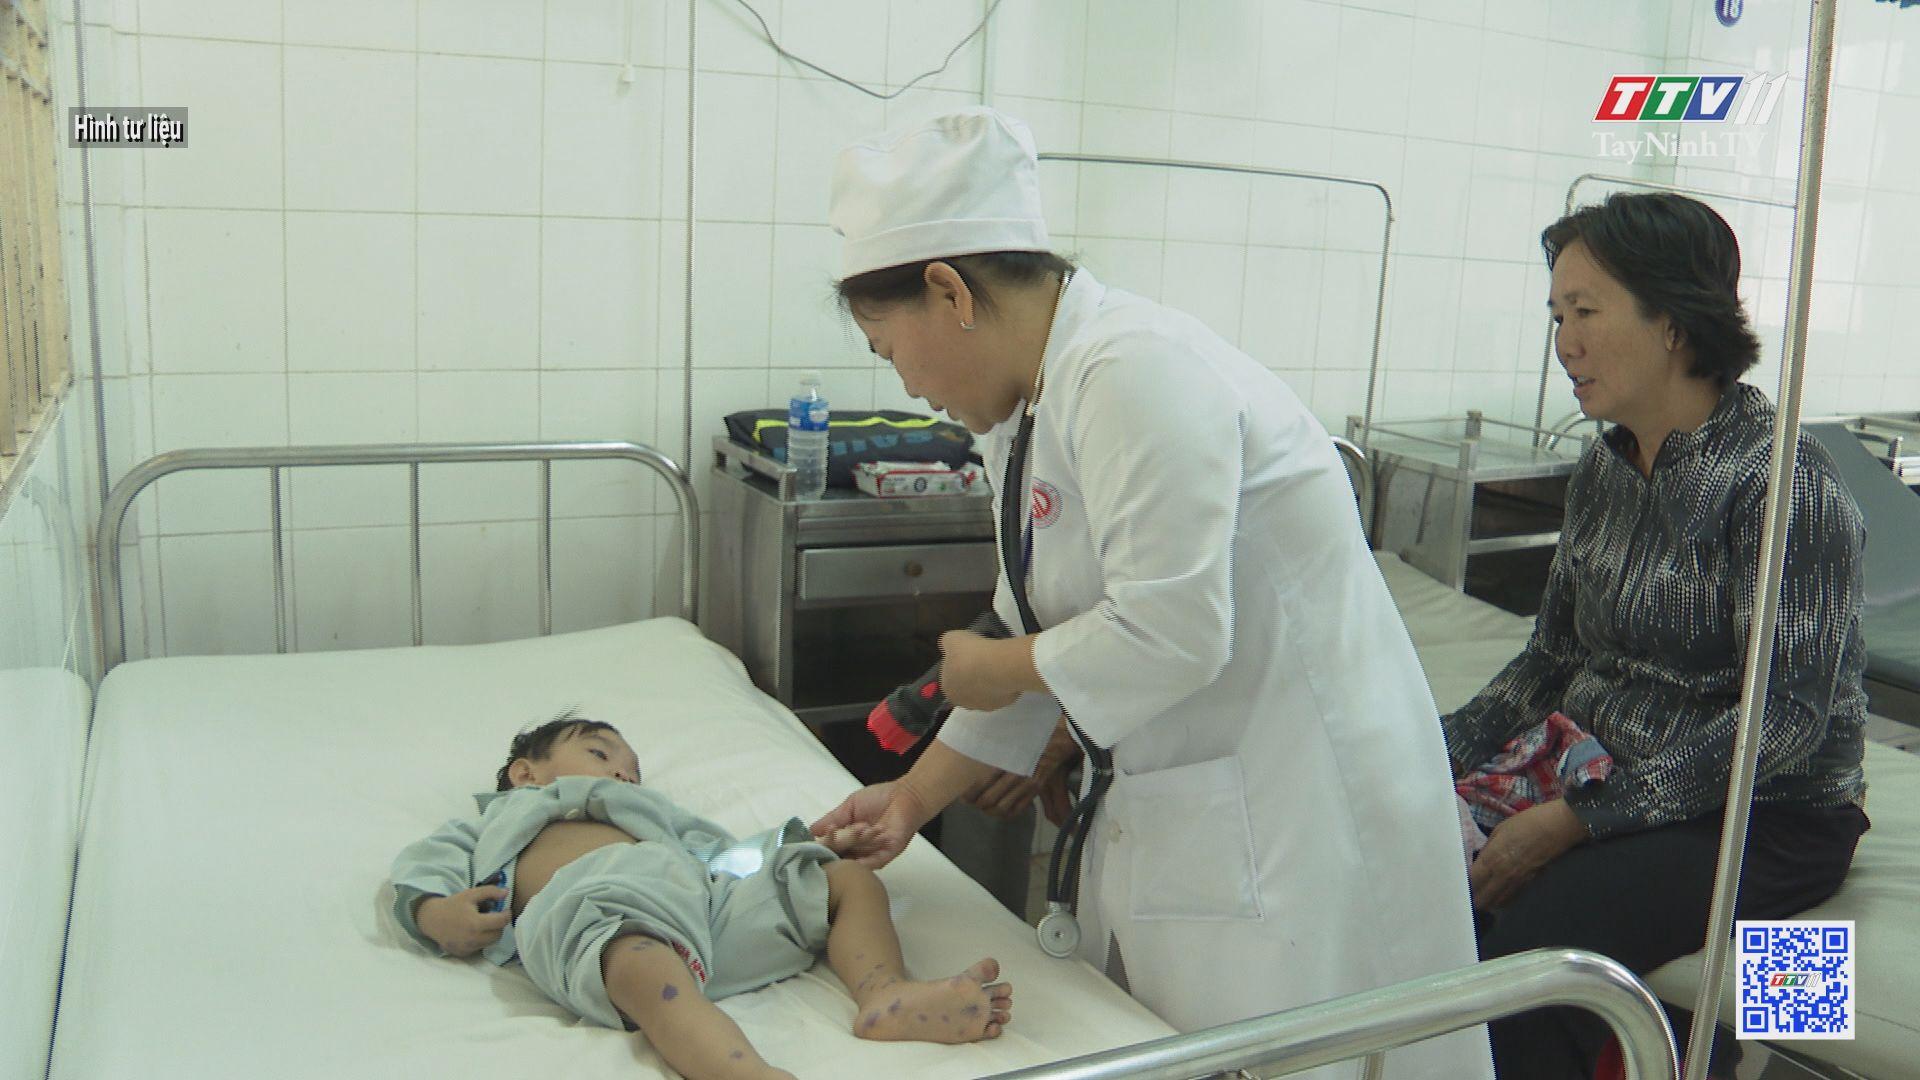 Bệnh tay chân miệng gia tăng nhanh, cách phòng bệnh cần biết | SỨC KHỎE CHO MỌI NGƯỜI | TayNinhTV